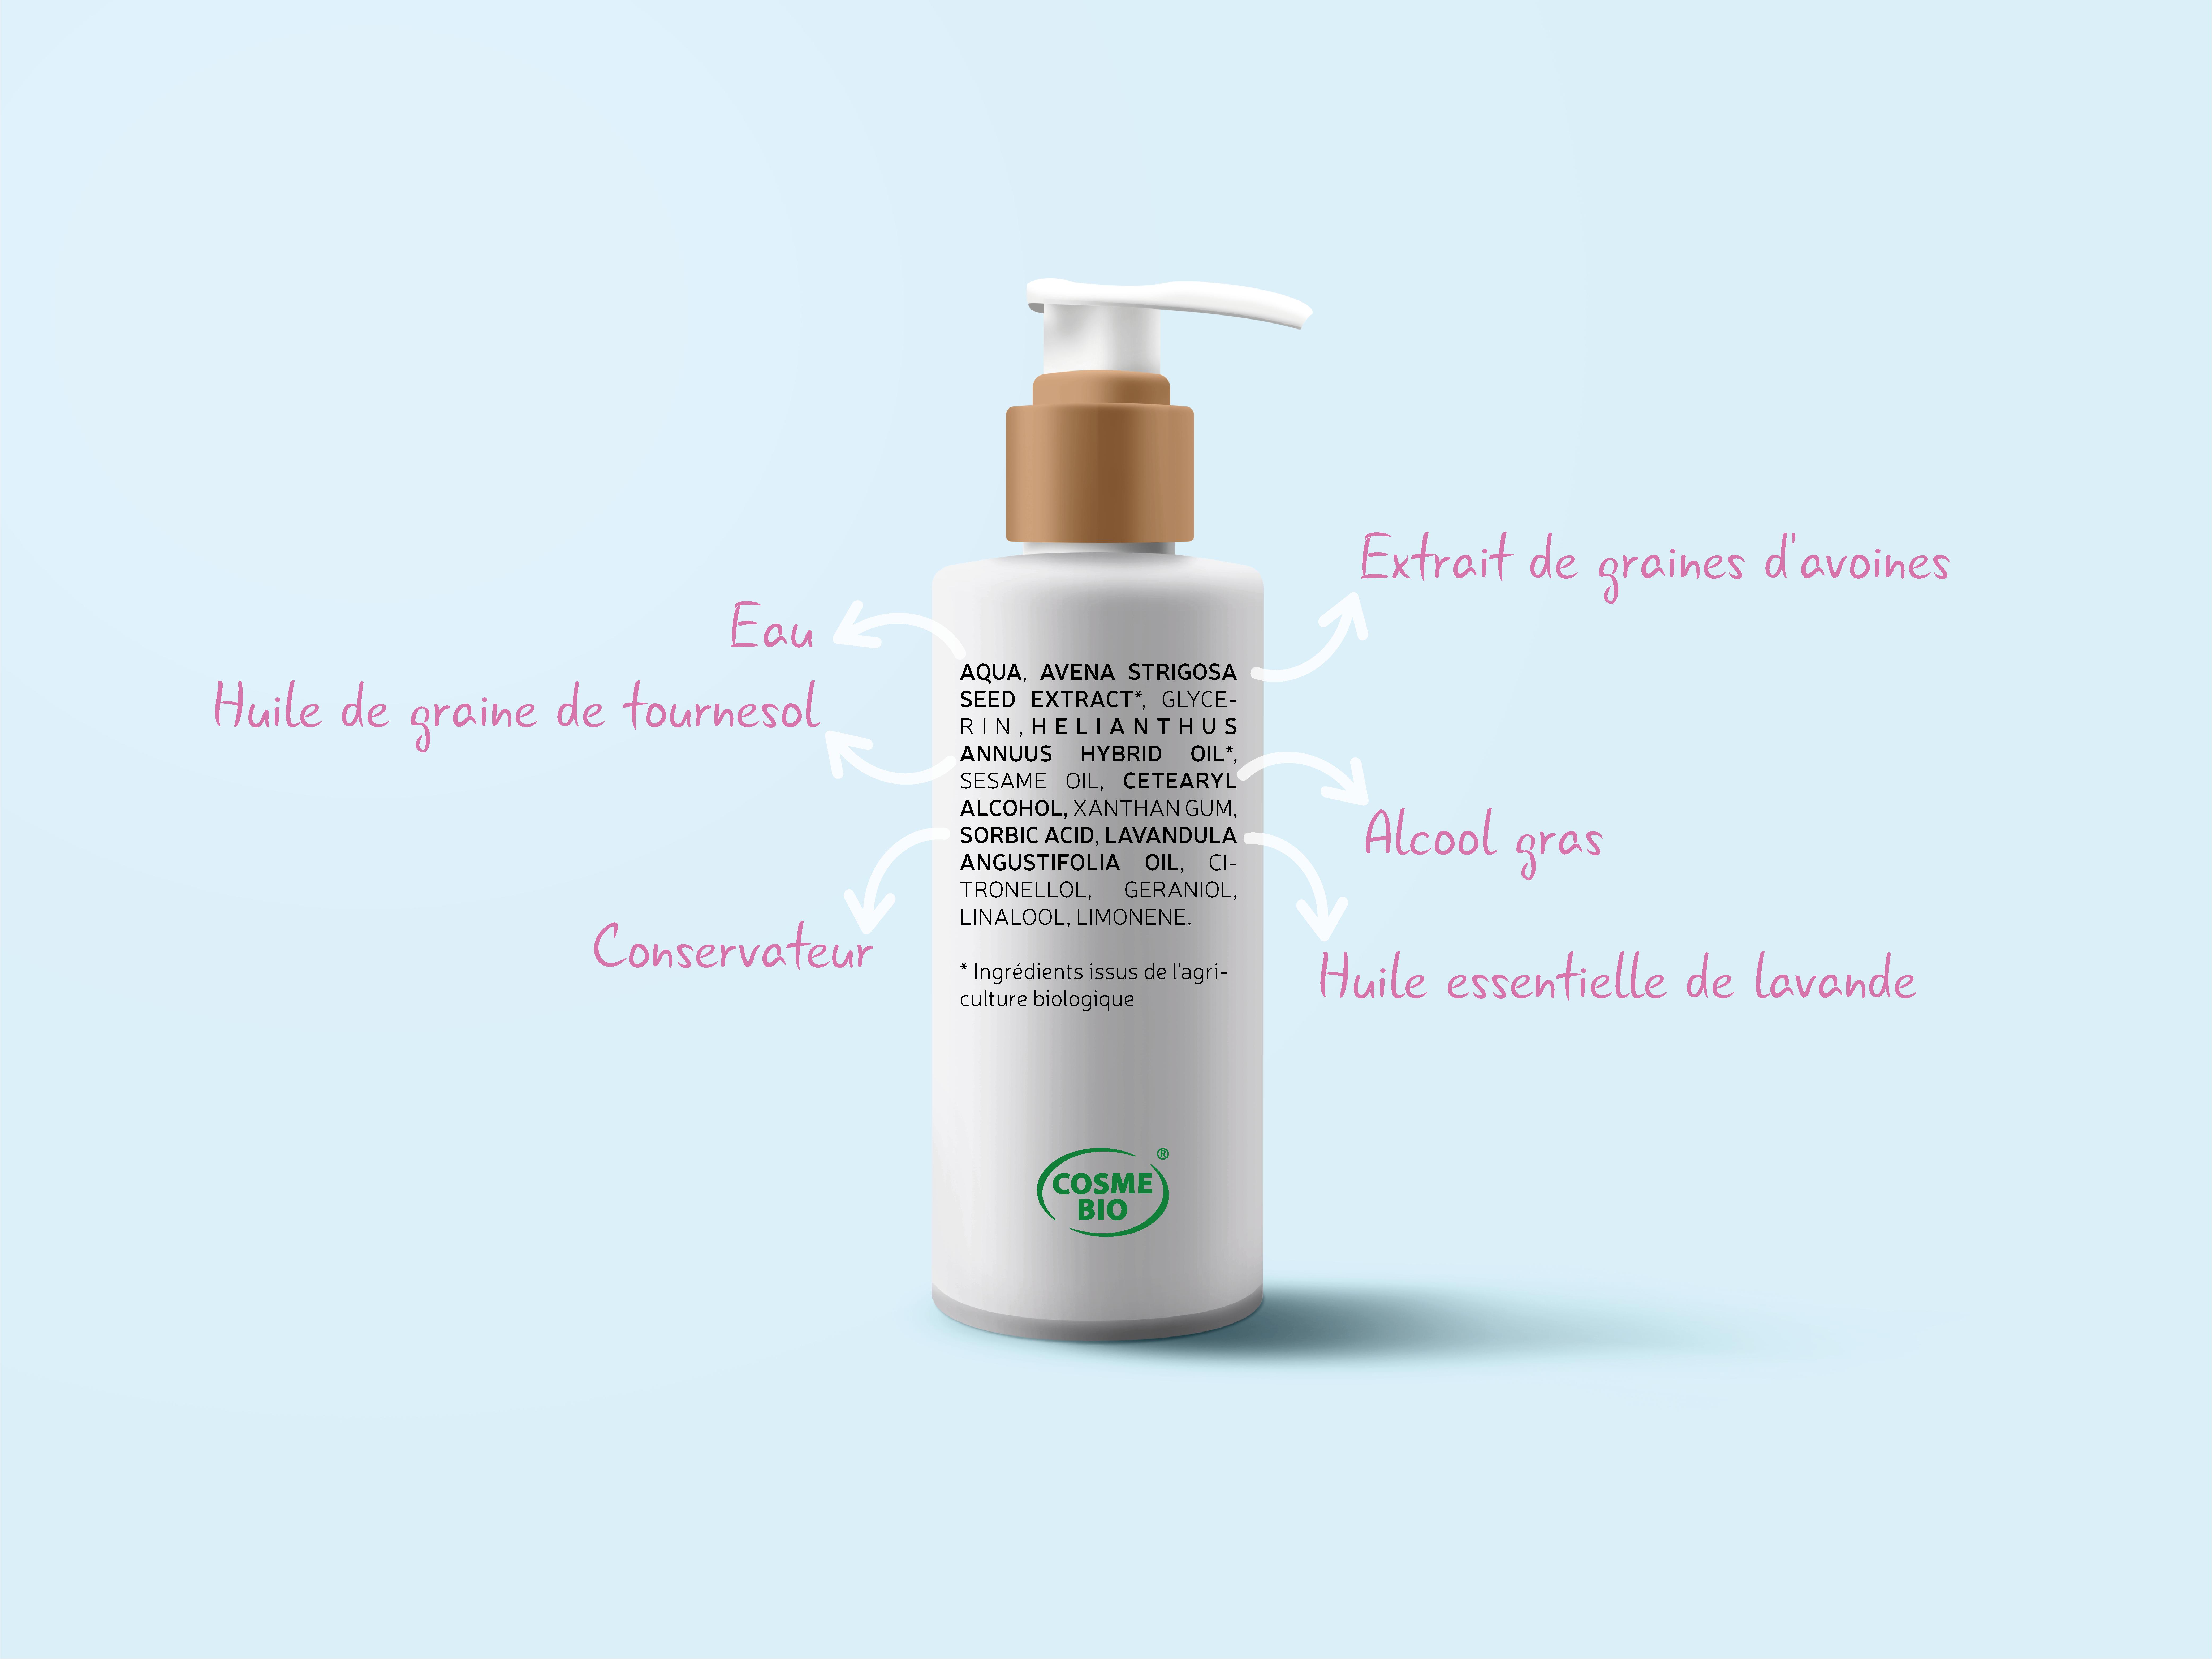 explication d'une liste d'ingrédients d'un produit cosmétique